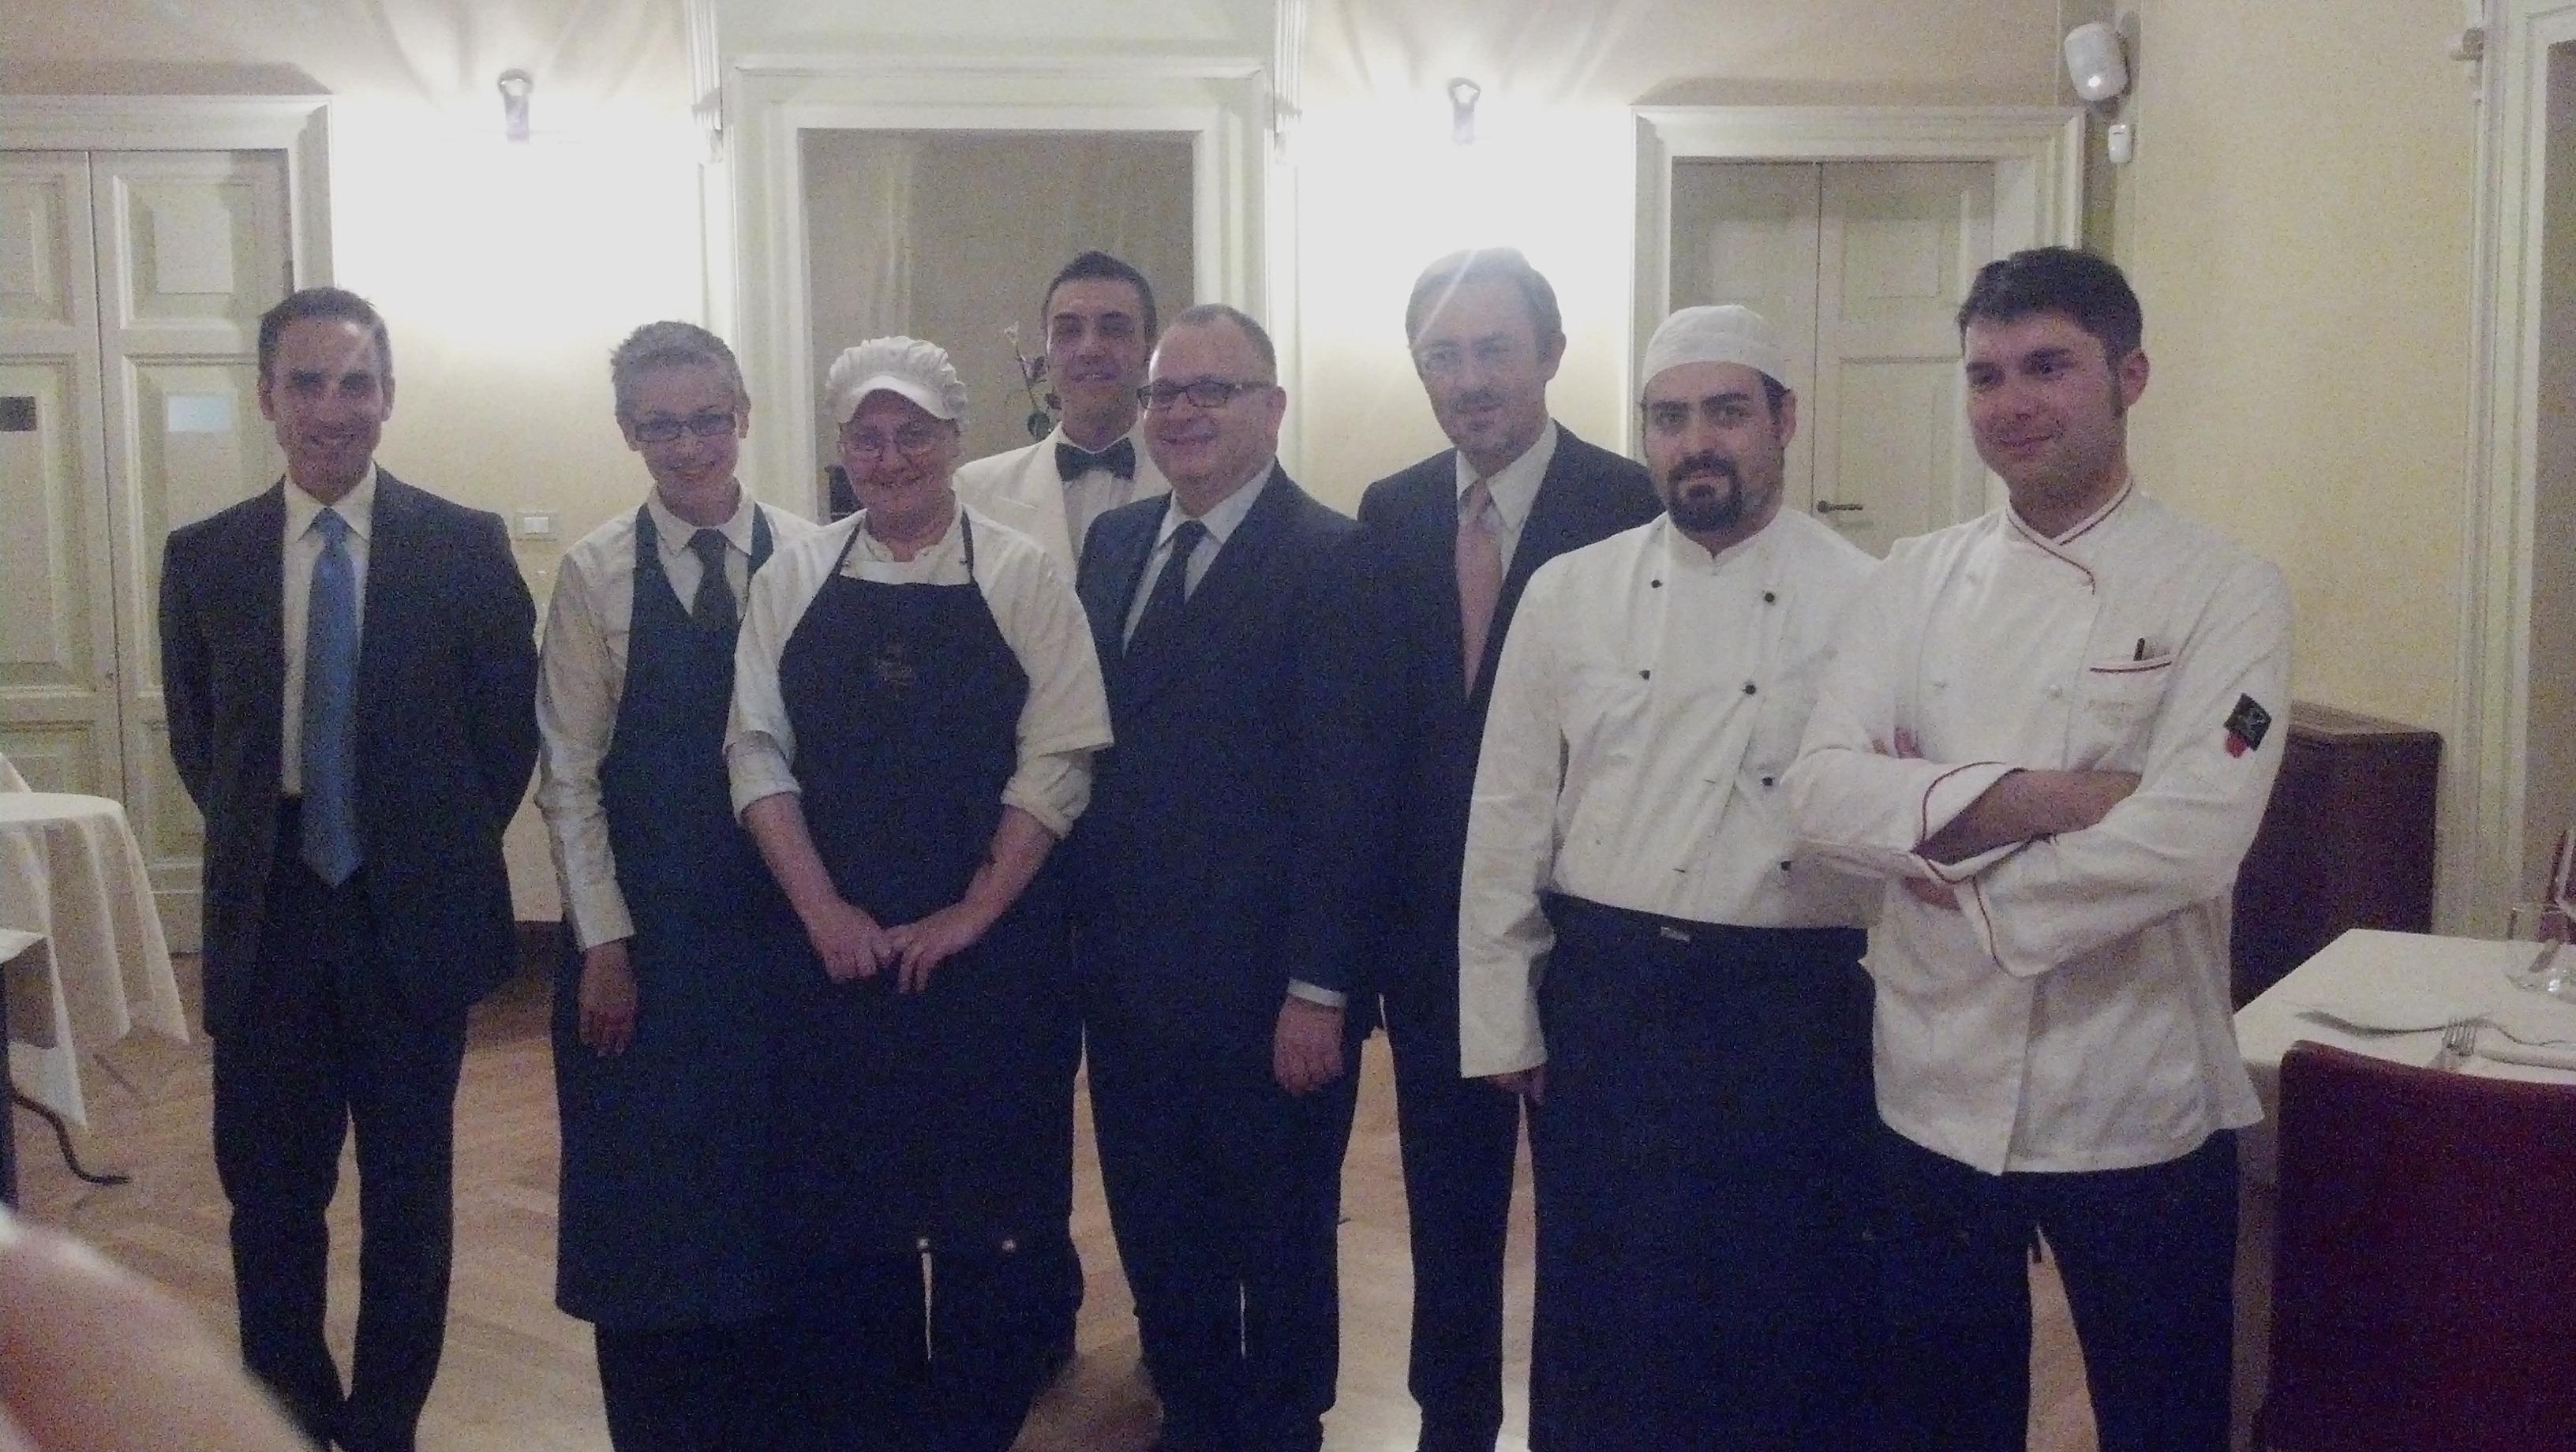 Lo staff del Ristorante Meletti assieme al Presidente della Fondazione Carisap Vincenzo Marini Marini